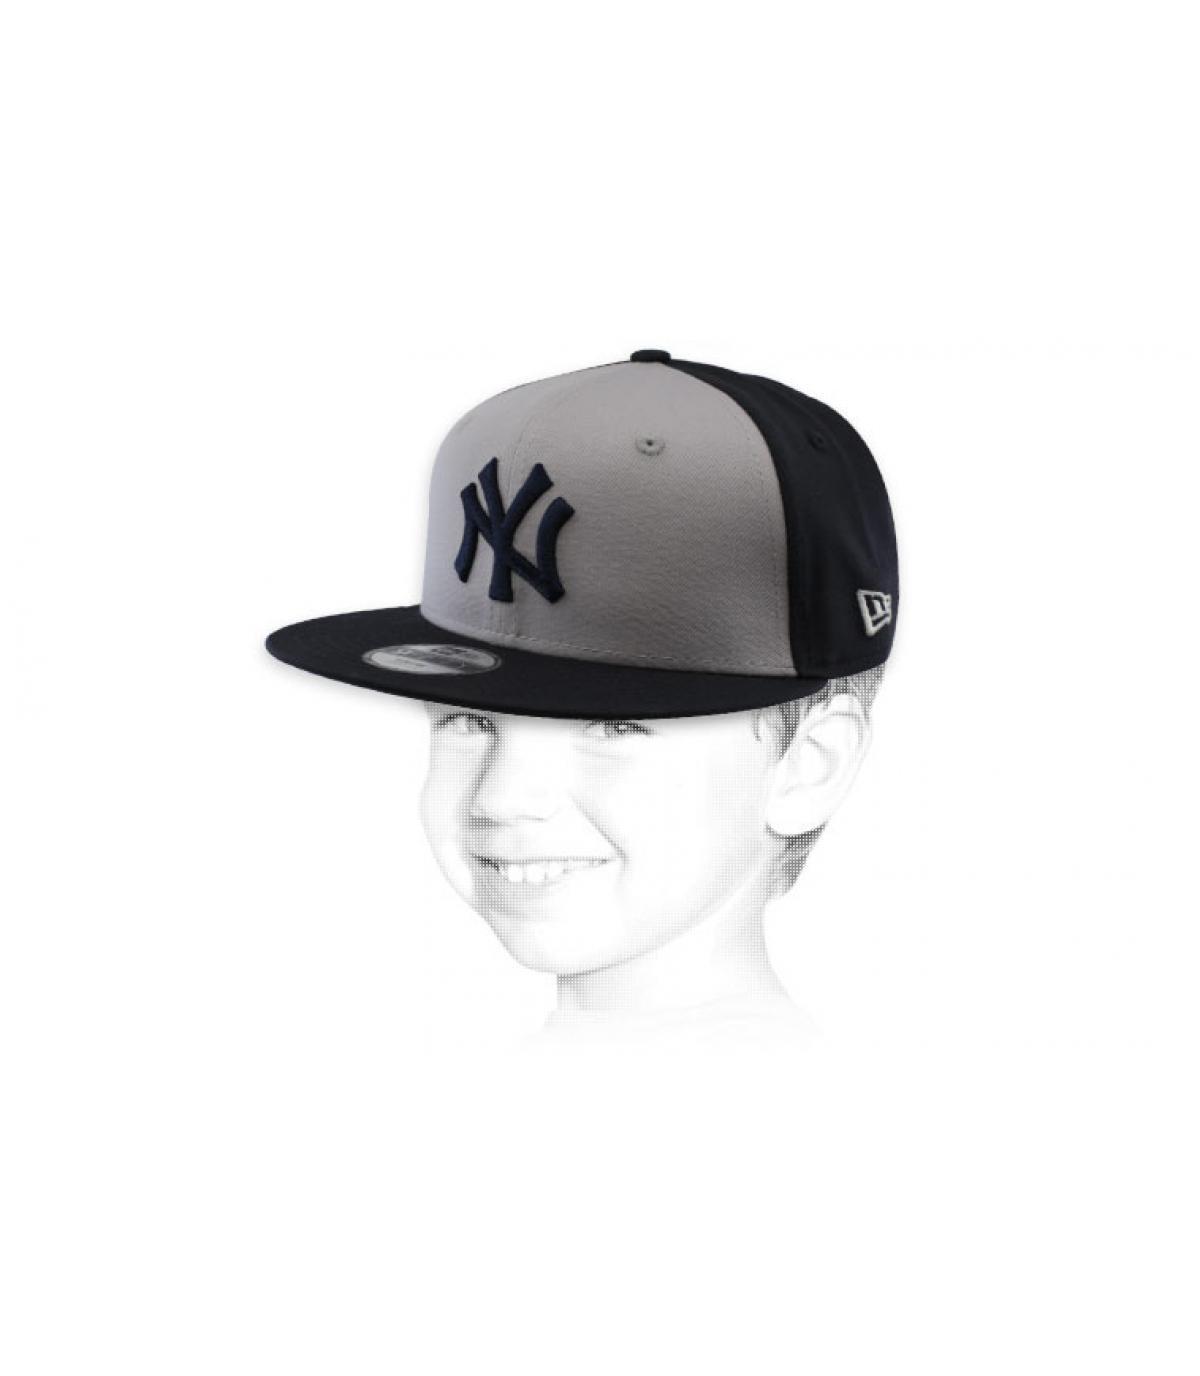 kids black grey NY snapback